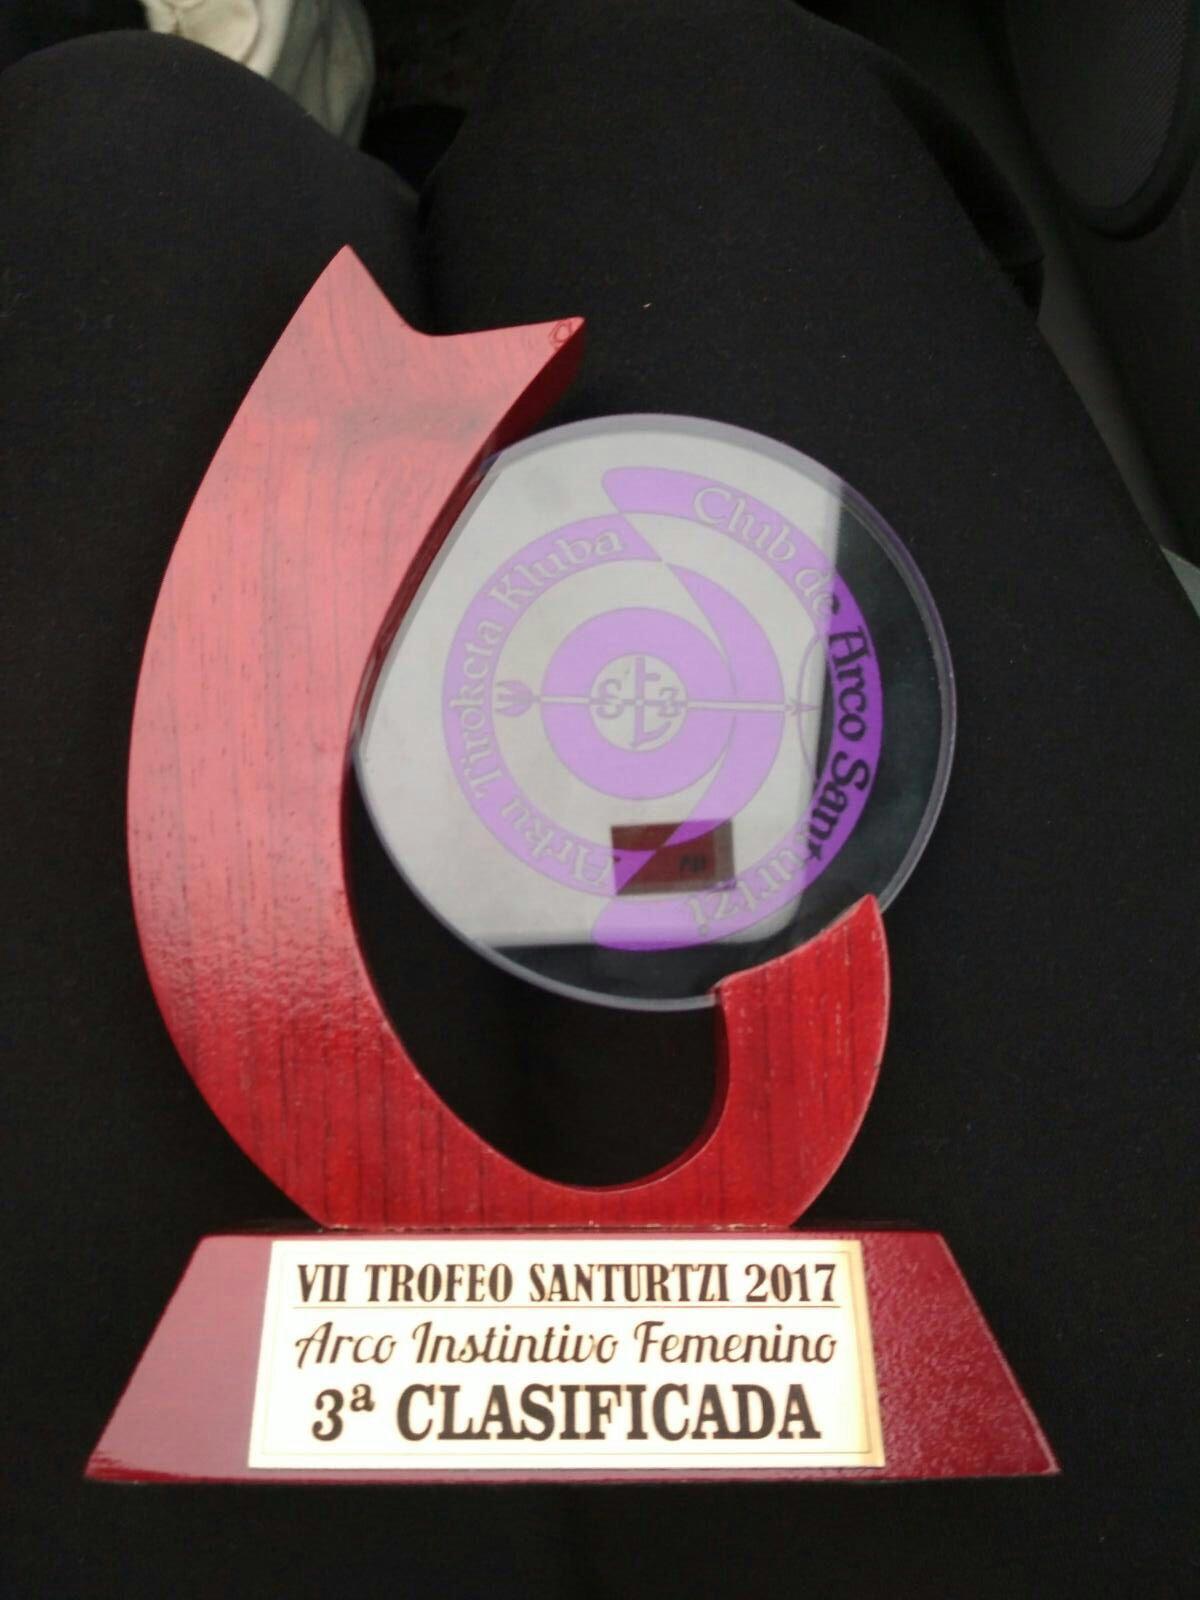 VII Cto Santurtzi Sala 2017